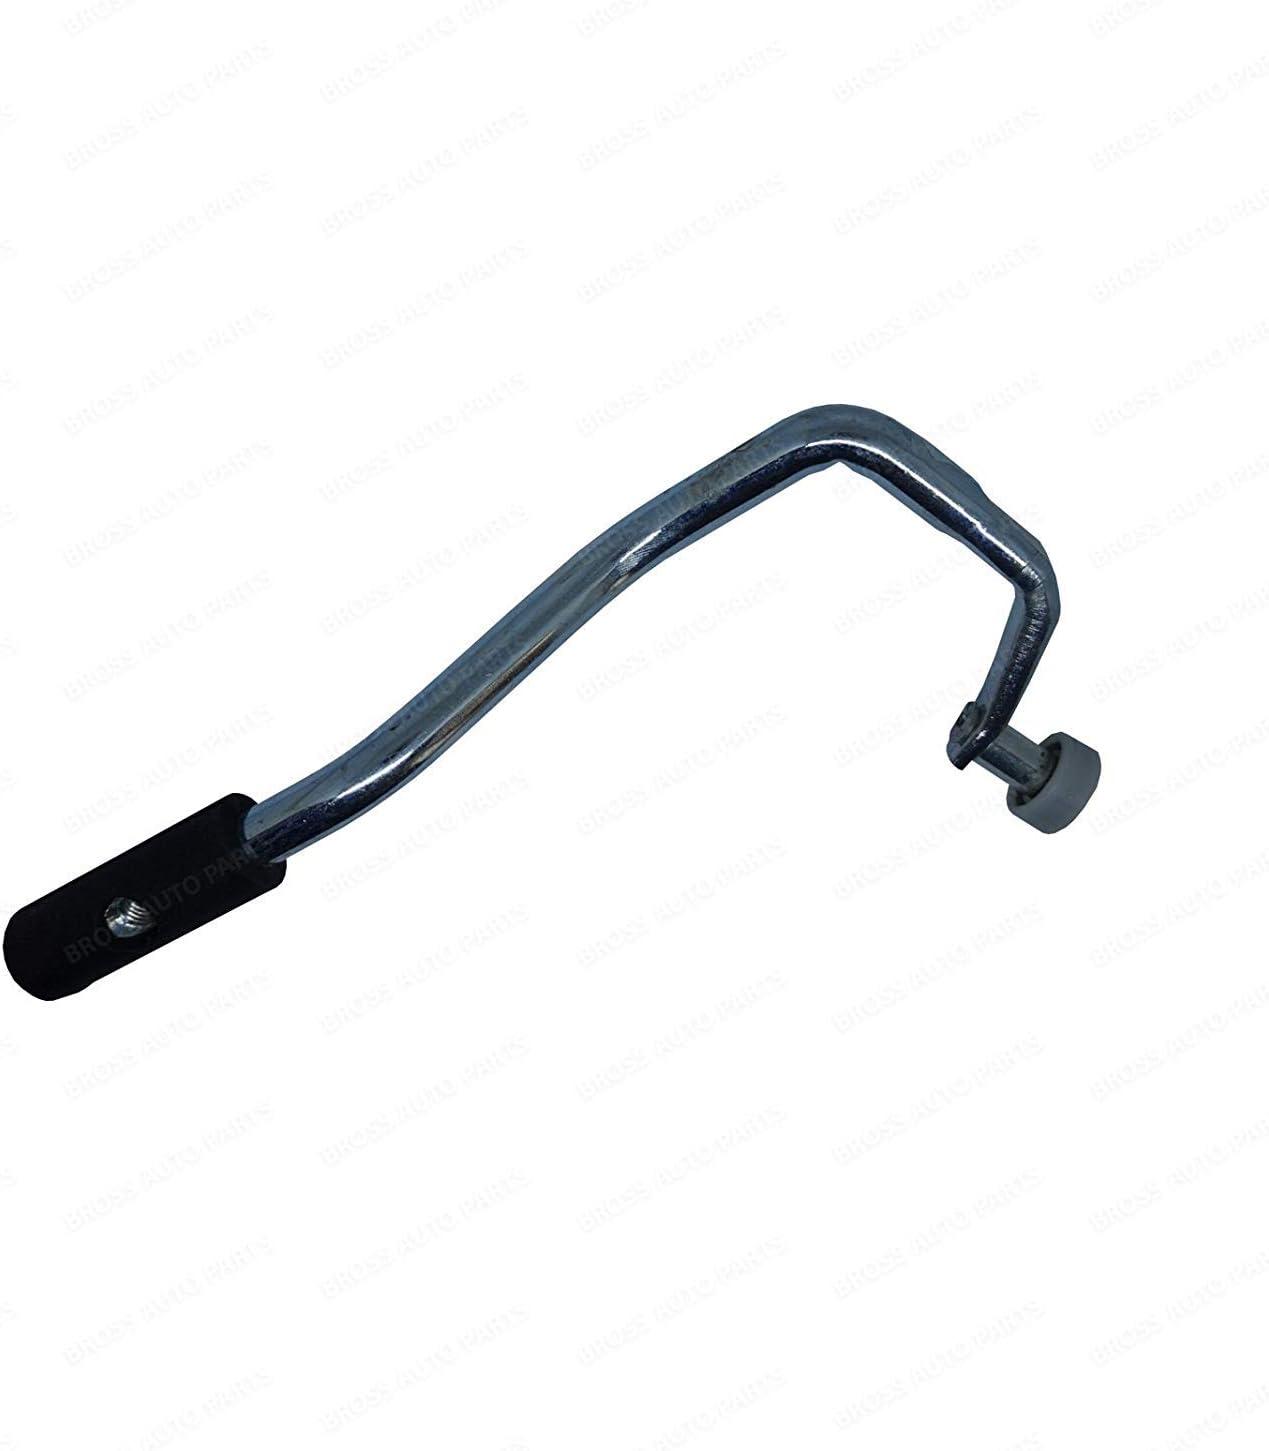 HLY_Autoparts Rodillo Superior de la Puerta Deslizante Derecha 1334552080, 9033L6 para Ducato Jumper Relay Boxer: Amazon.es: Coche y moto